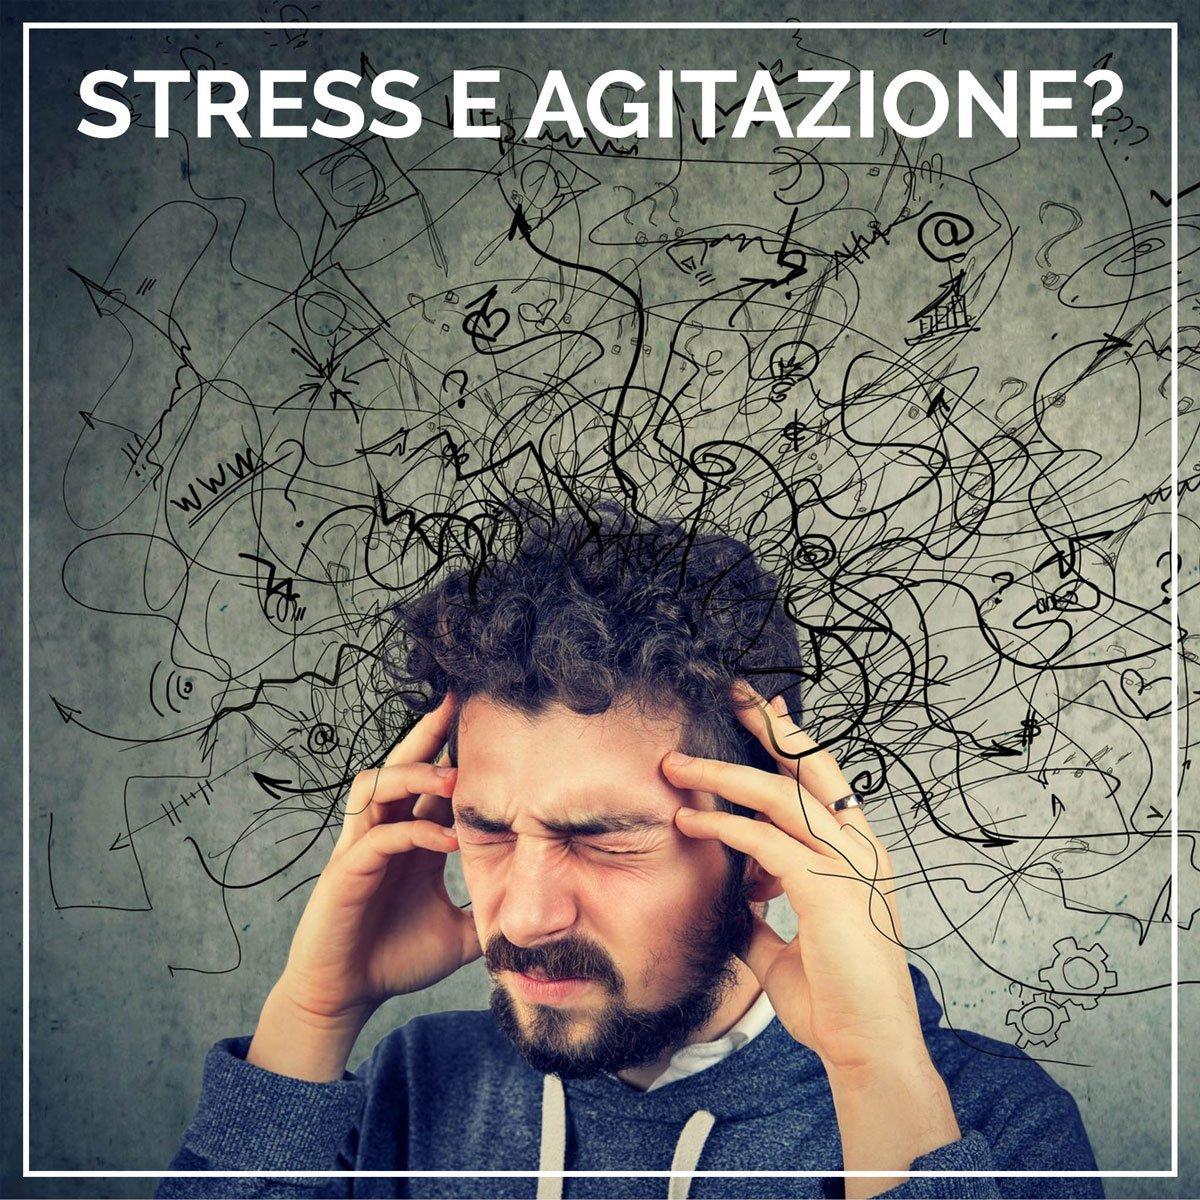 Una soluzione a stress, agitazione, tensioni e difficoltà nel riposare 3